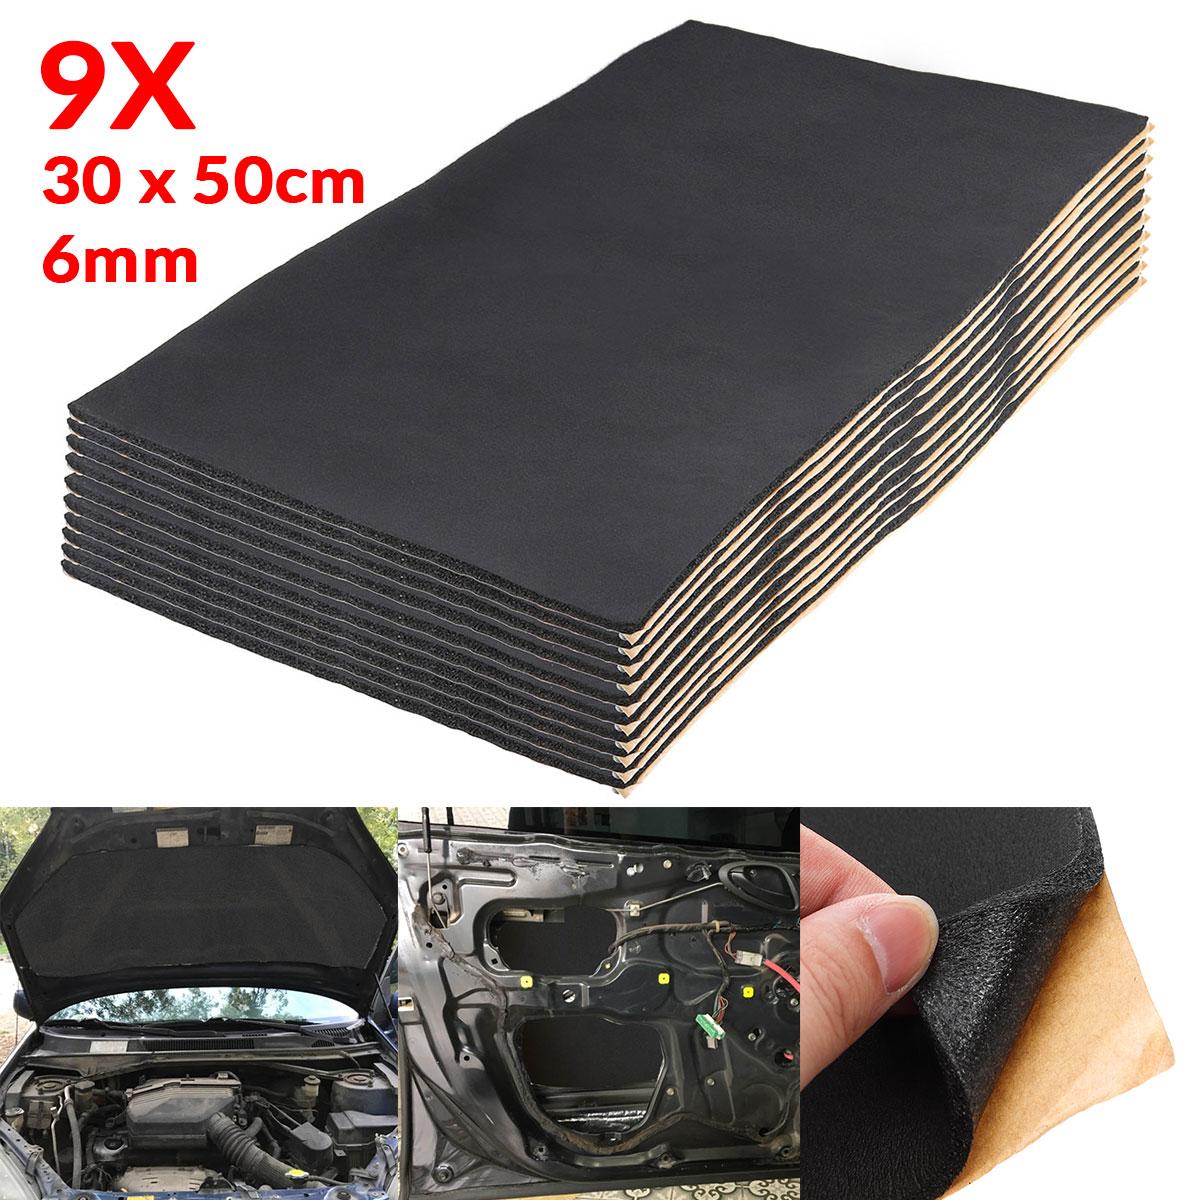 9X1 Cm 0.6 Cm Suara Mobil Panas Deadener Mat Kebisingan Bukti Bonnet Isolasi Mematikan Mesin Firewall Panas Busa kapas Stiker 30X50 Cm